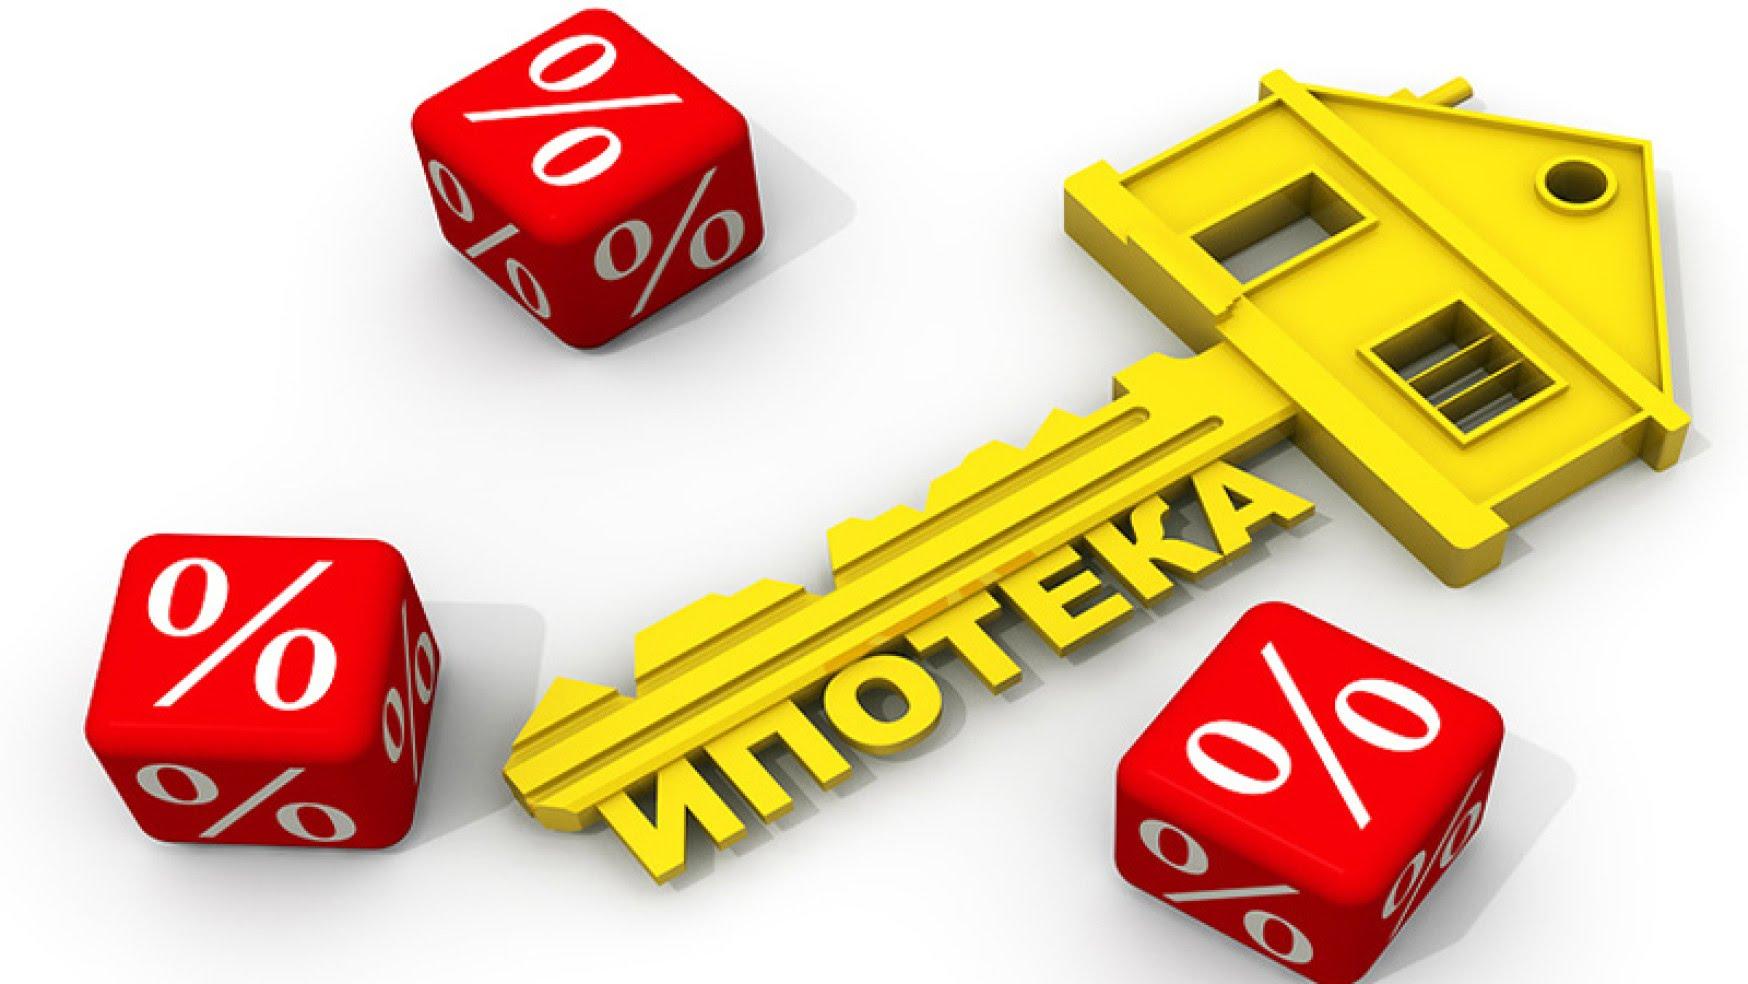 Возмещение процентов по ипотечному кредиту: как вернуть 13%, инструкция